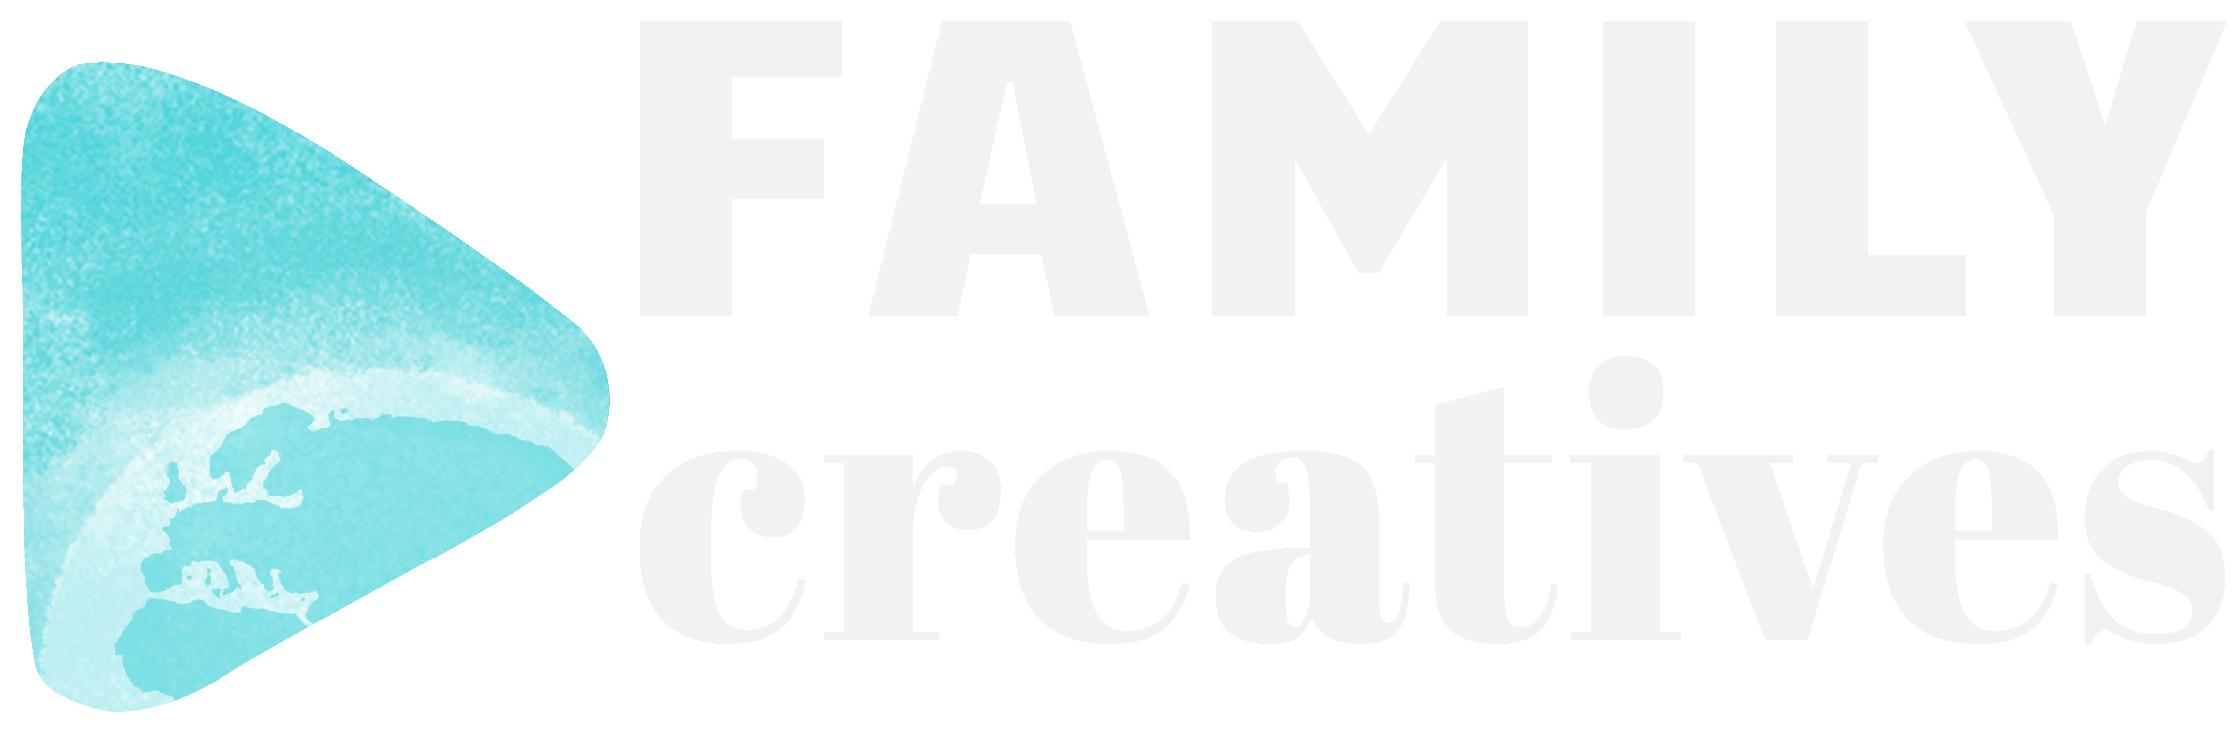 Family Creatives - Logo - Tekstit nuolen vieressä